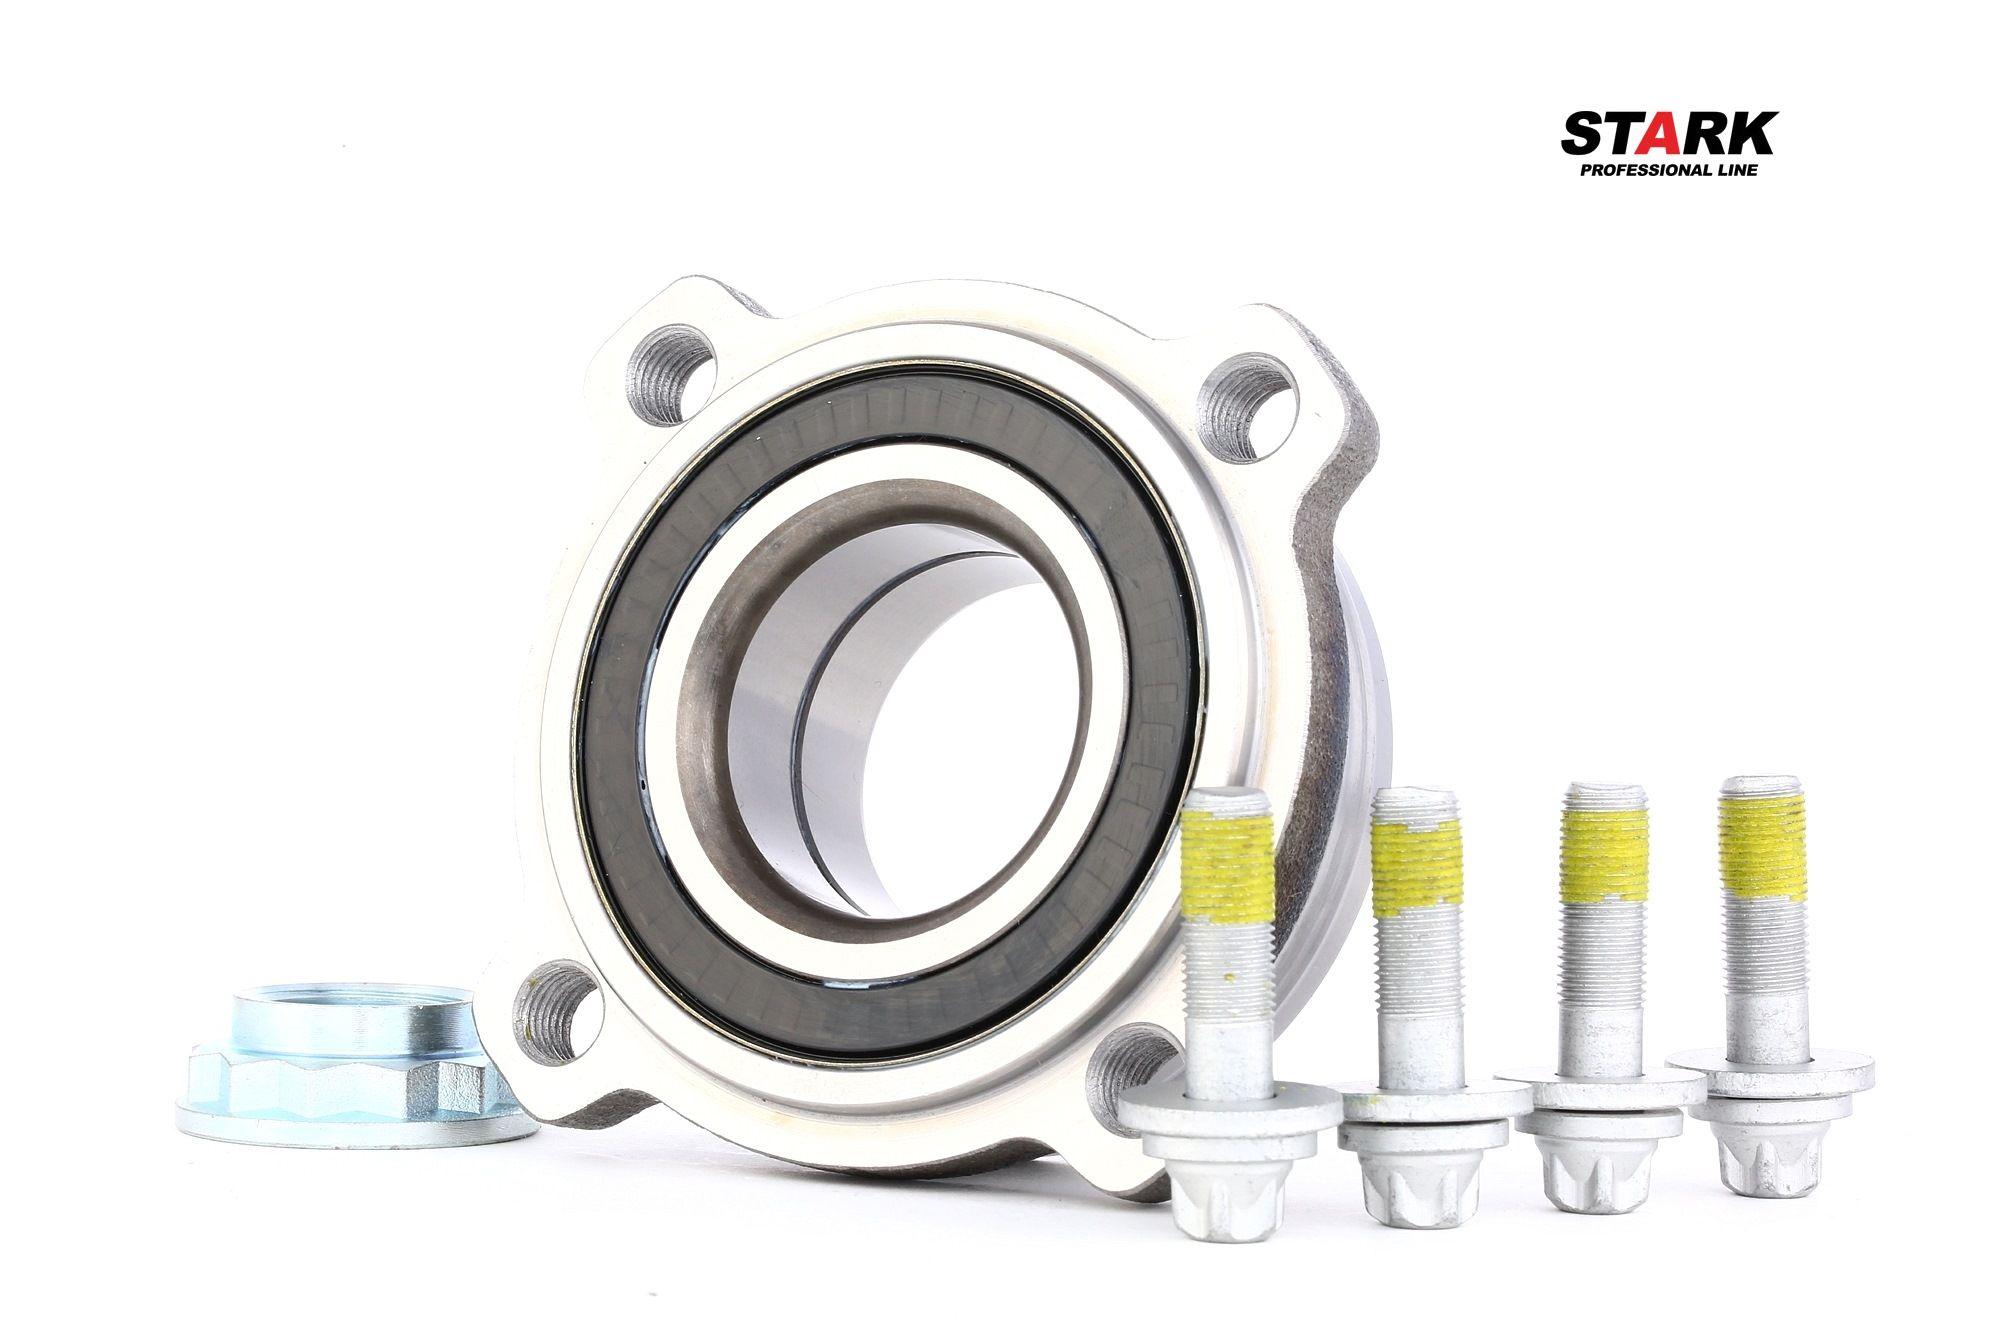 Radlager & Radlagersatz STARK SKWB-0180290 Bewertung